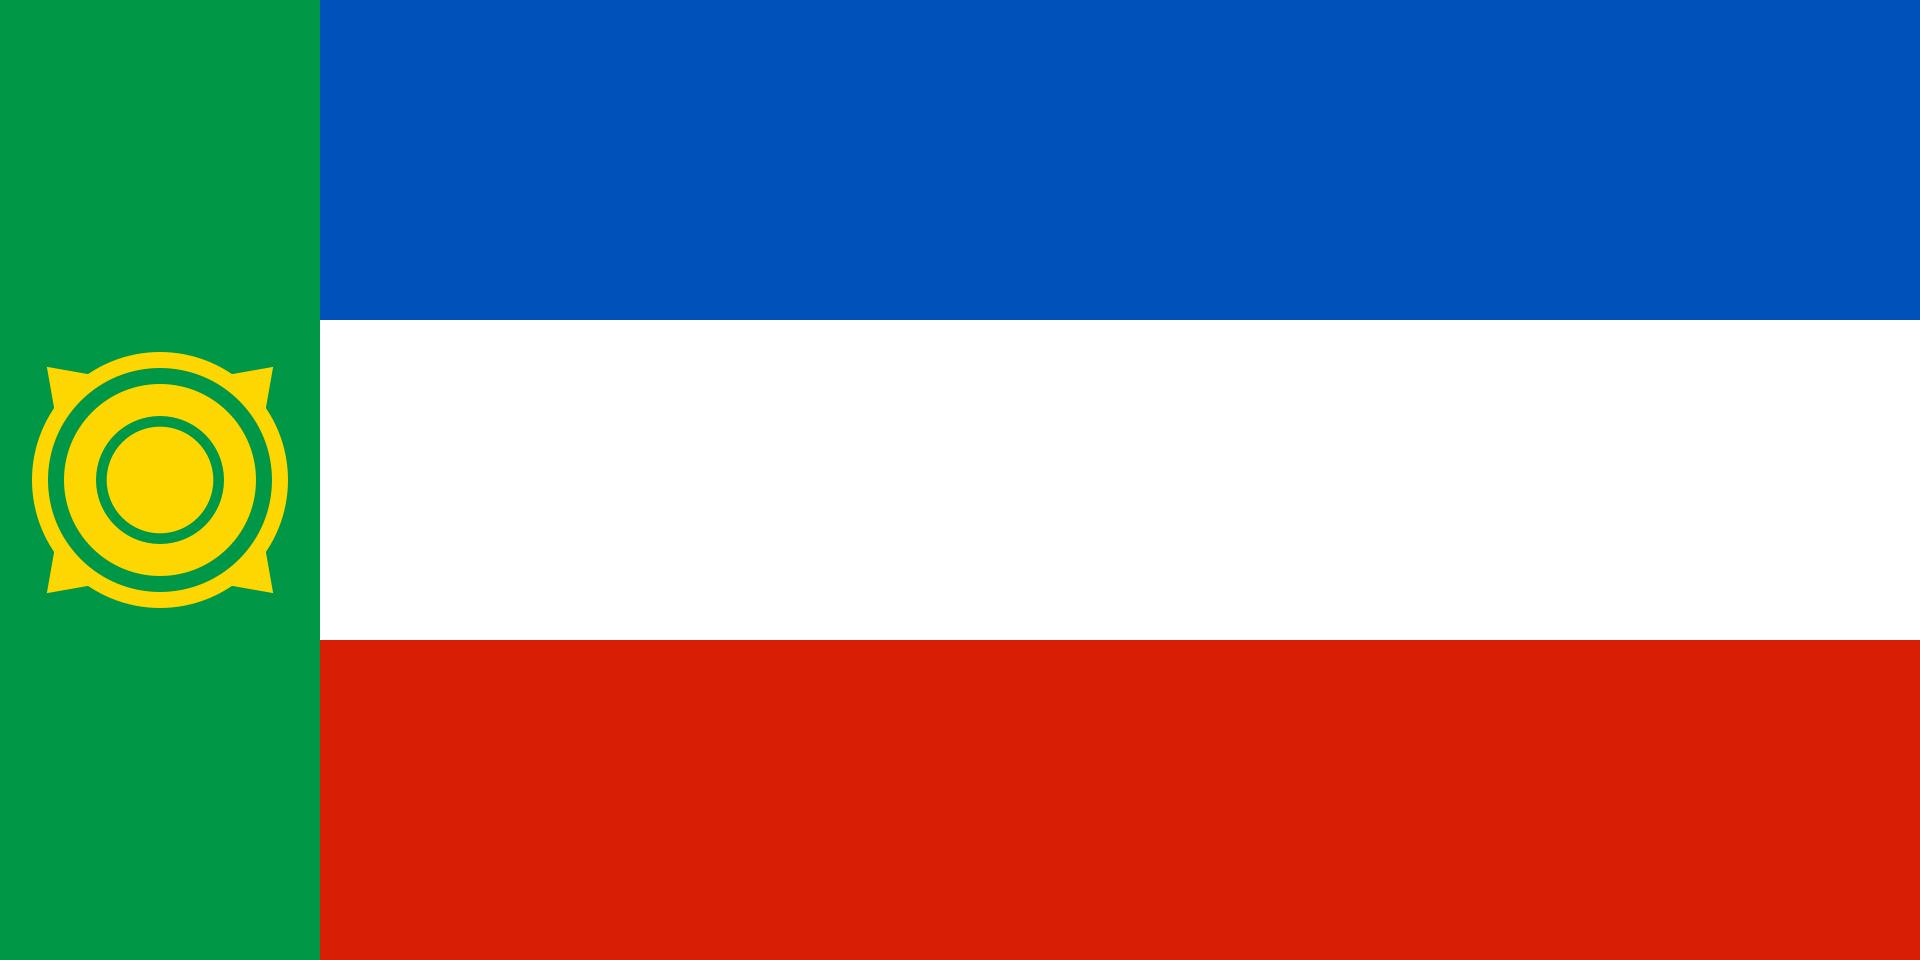 События «Недели памяти — 2021» в Республике Хакасия